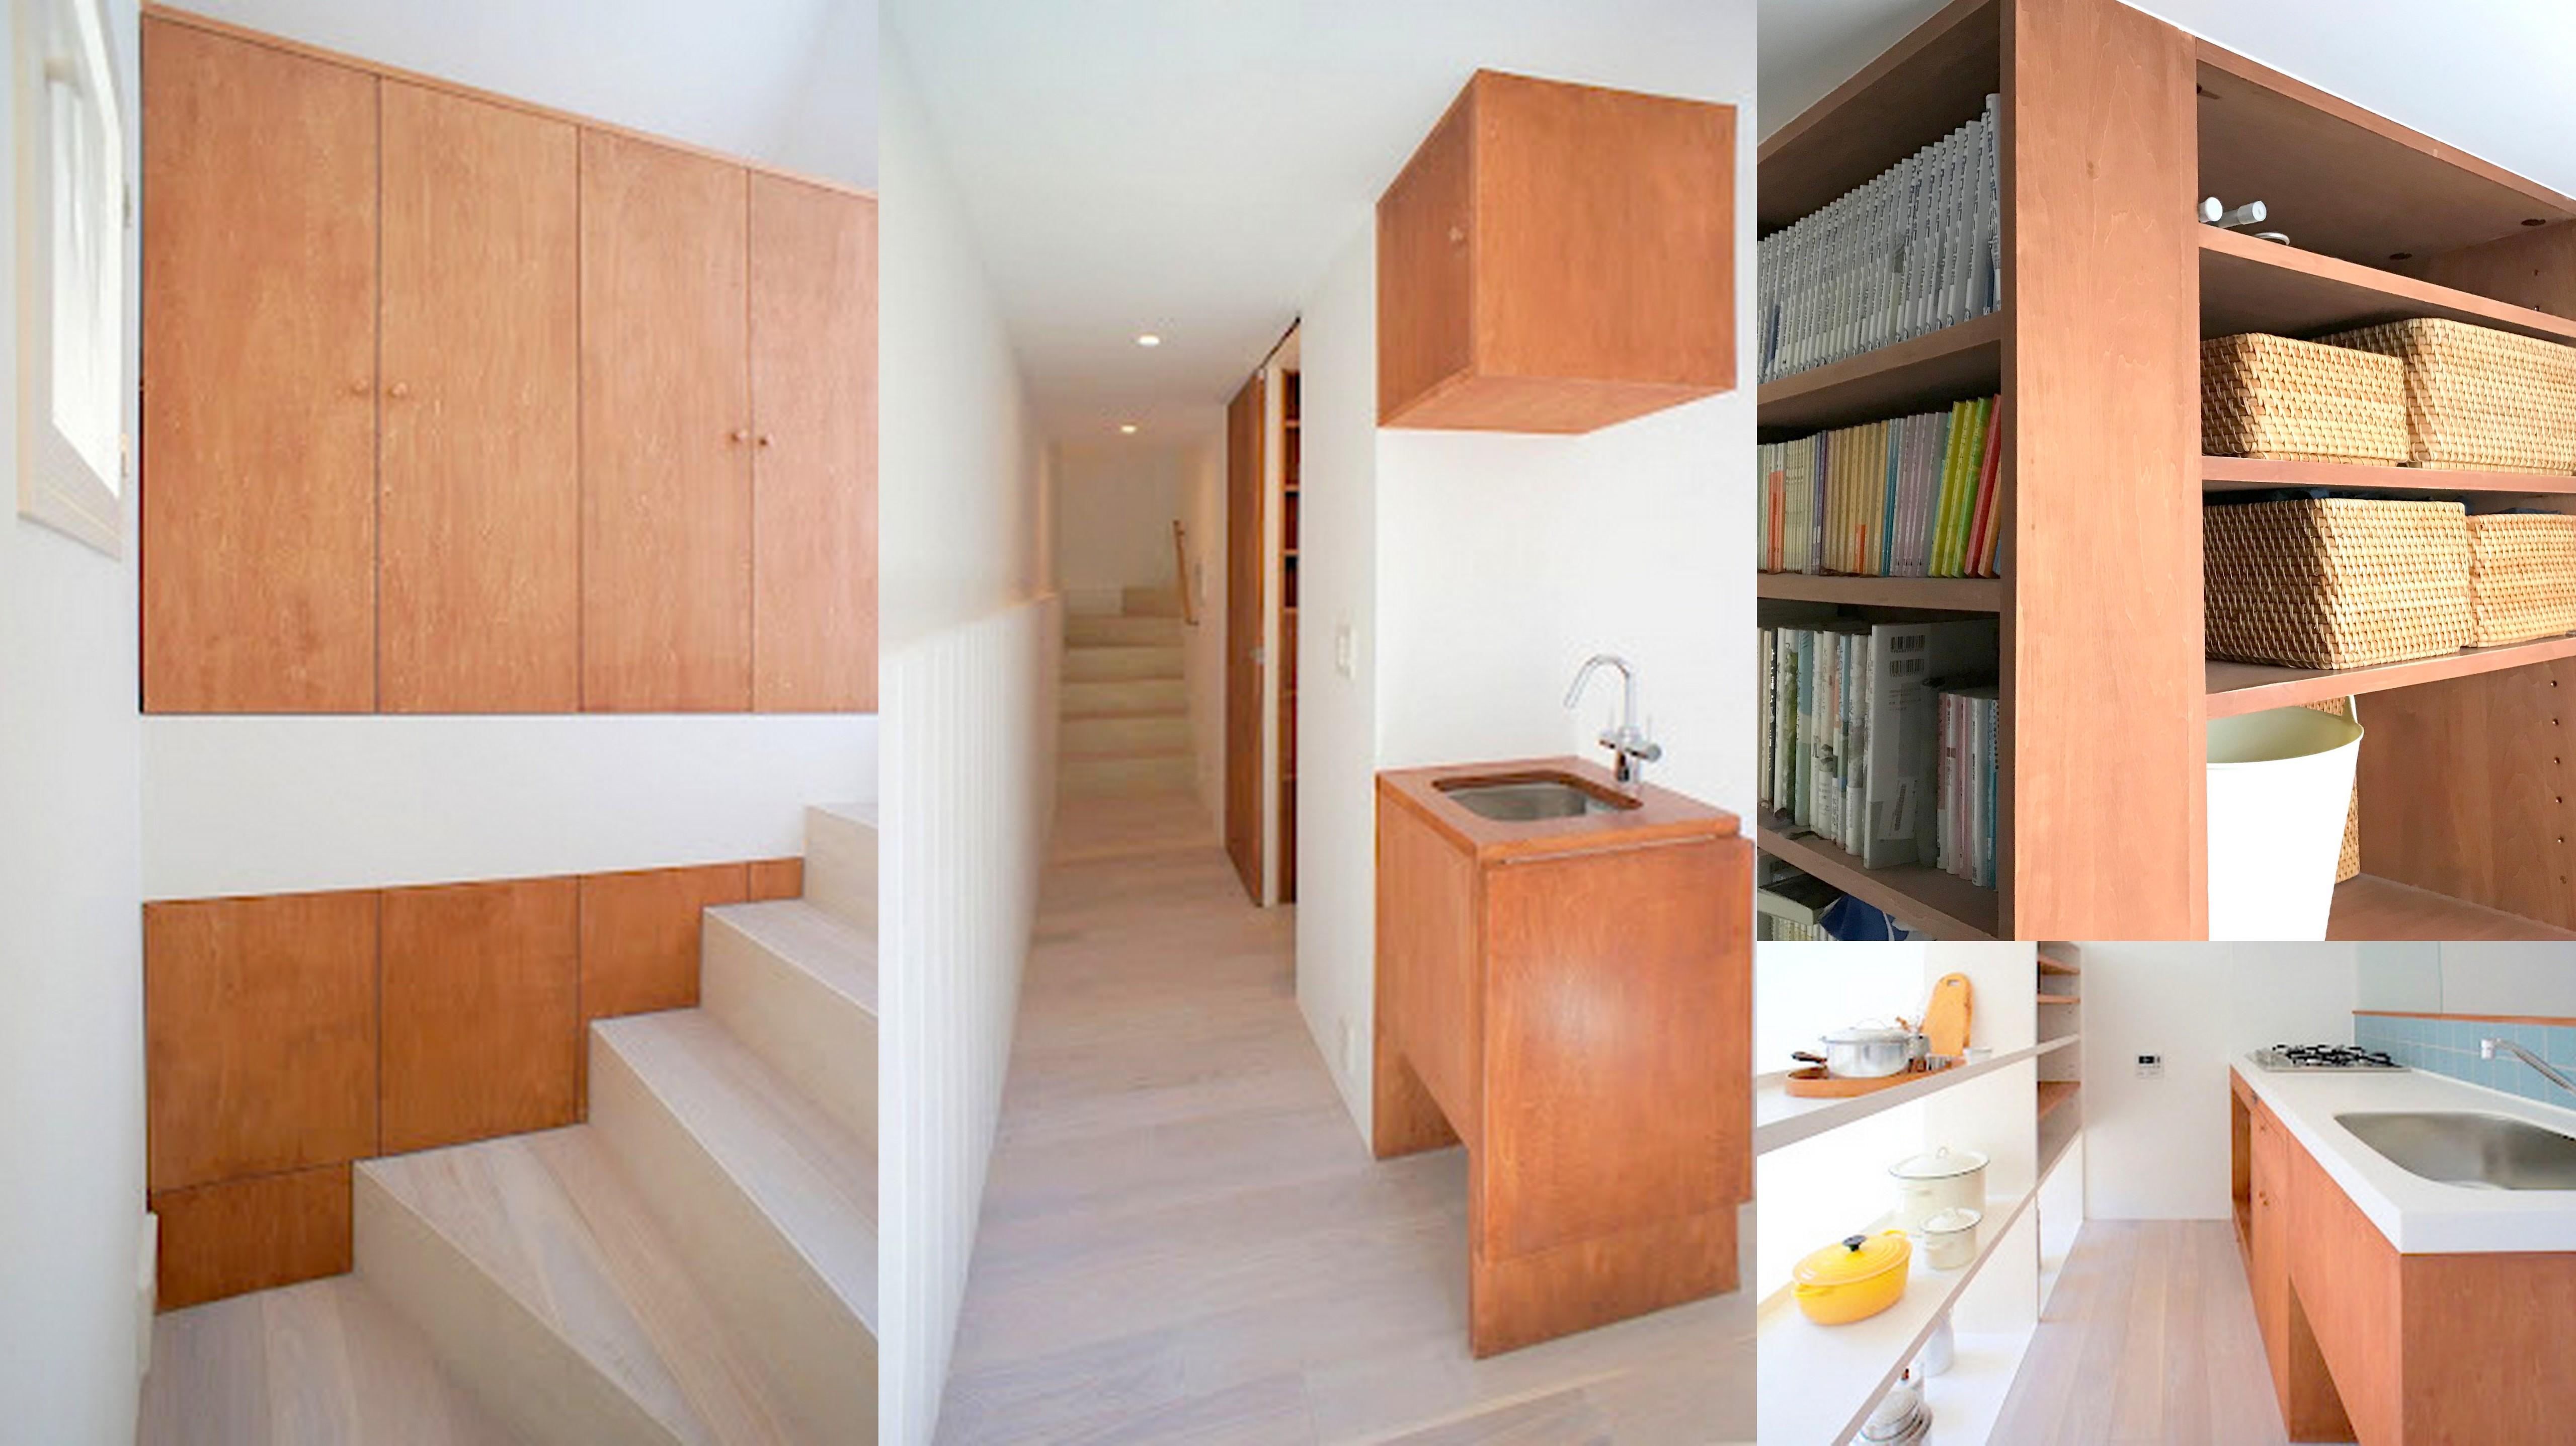 7坪ハウスの家具はほぼ造作。小さな家の床面積を最大限に利用するには、置き型家具の断捨離が必須!?